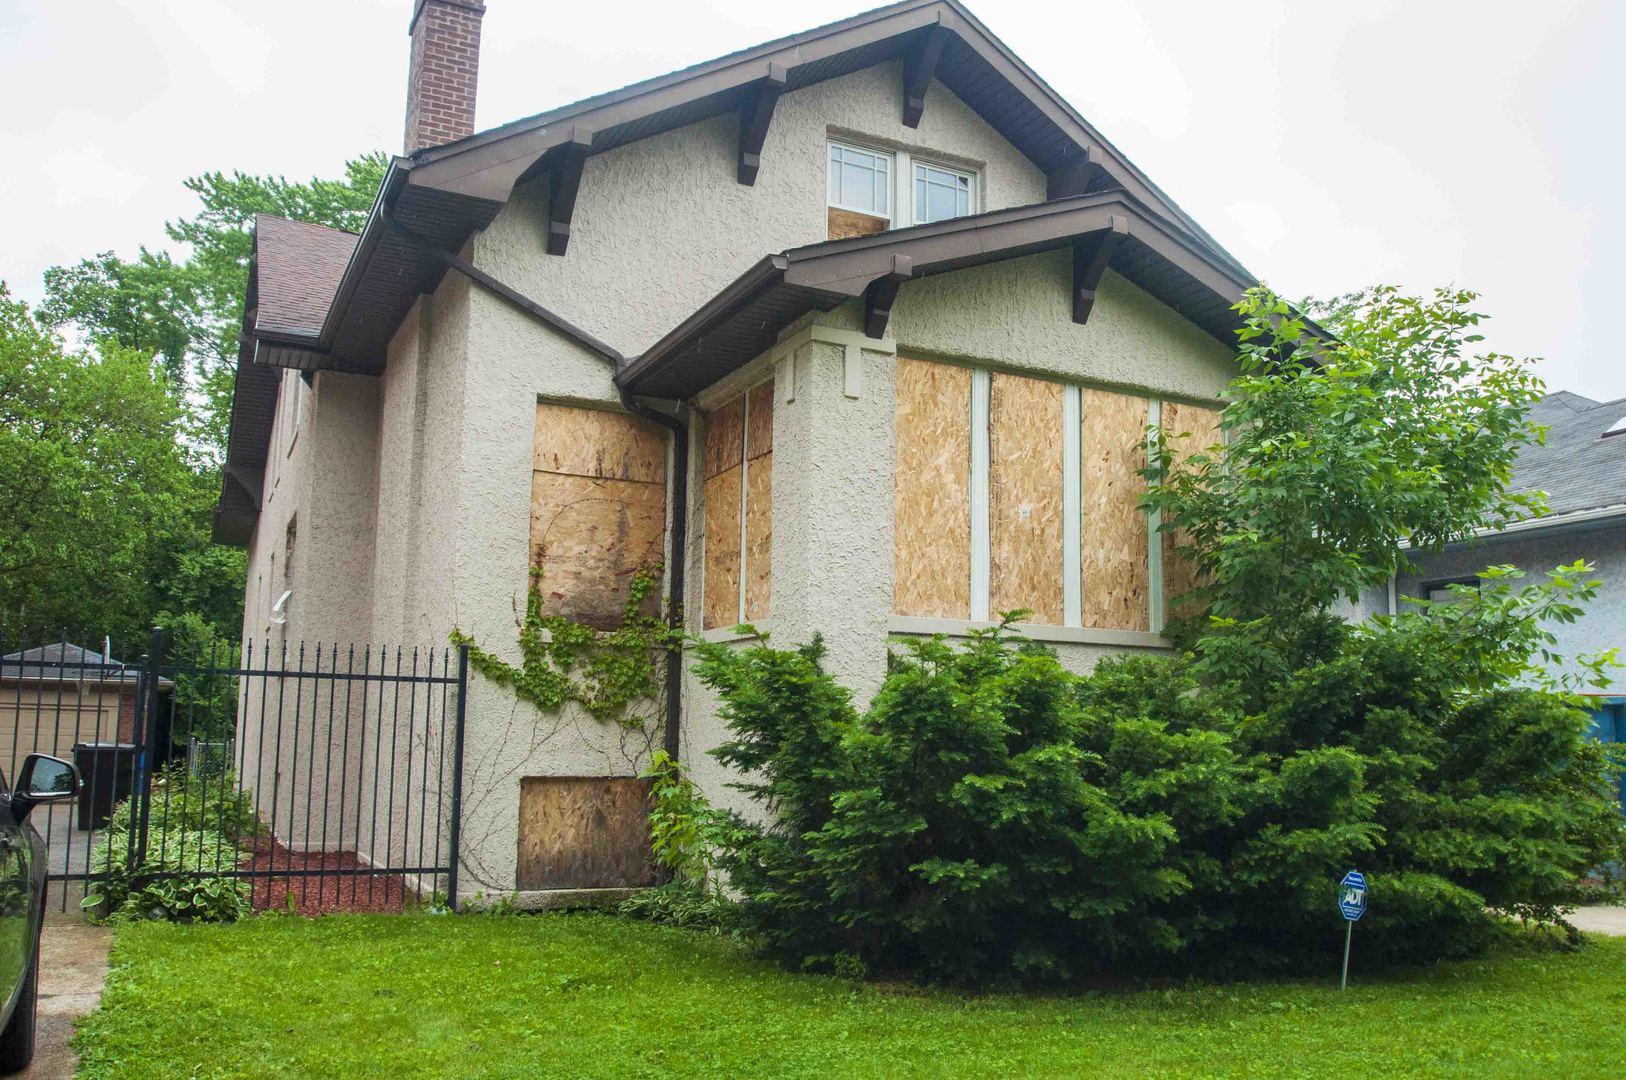 7025 S Cregier Exterior Photo